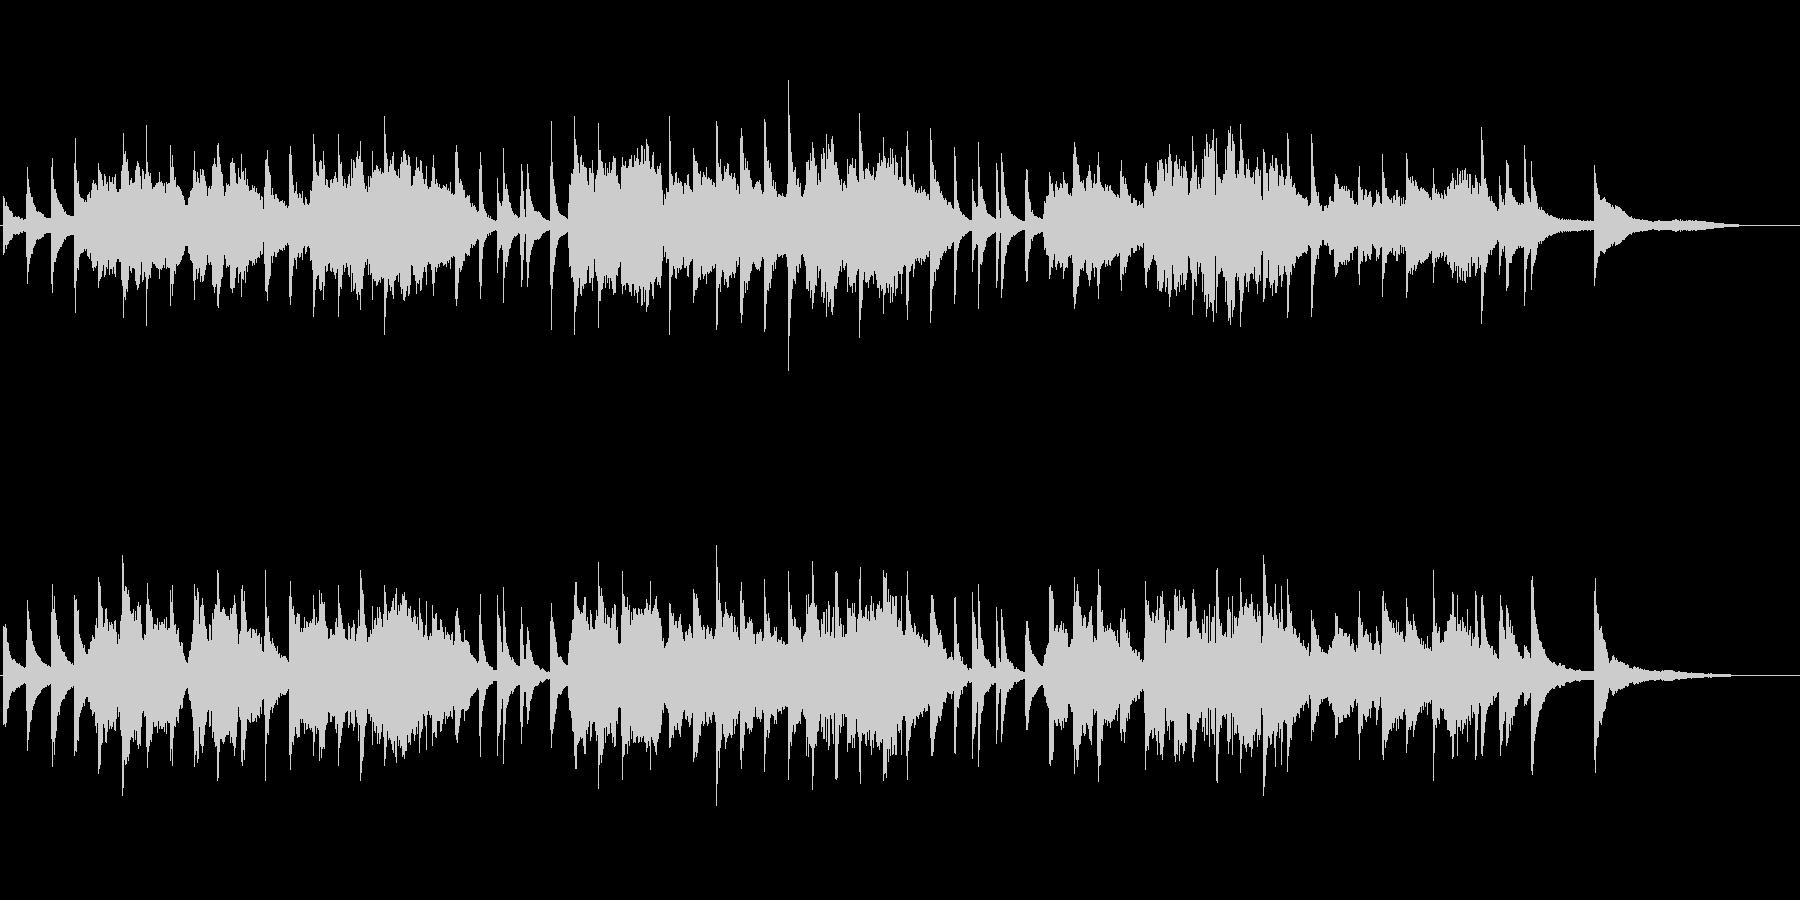 切なさ溢れるメロディ フォーレ作曲 秘密の未再生の波形